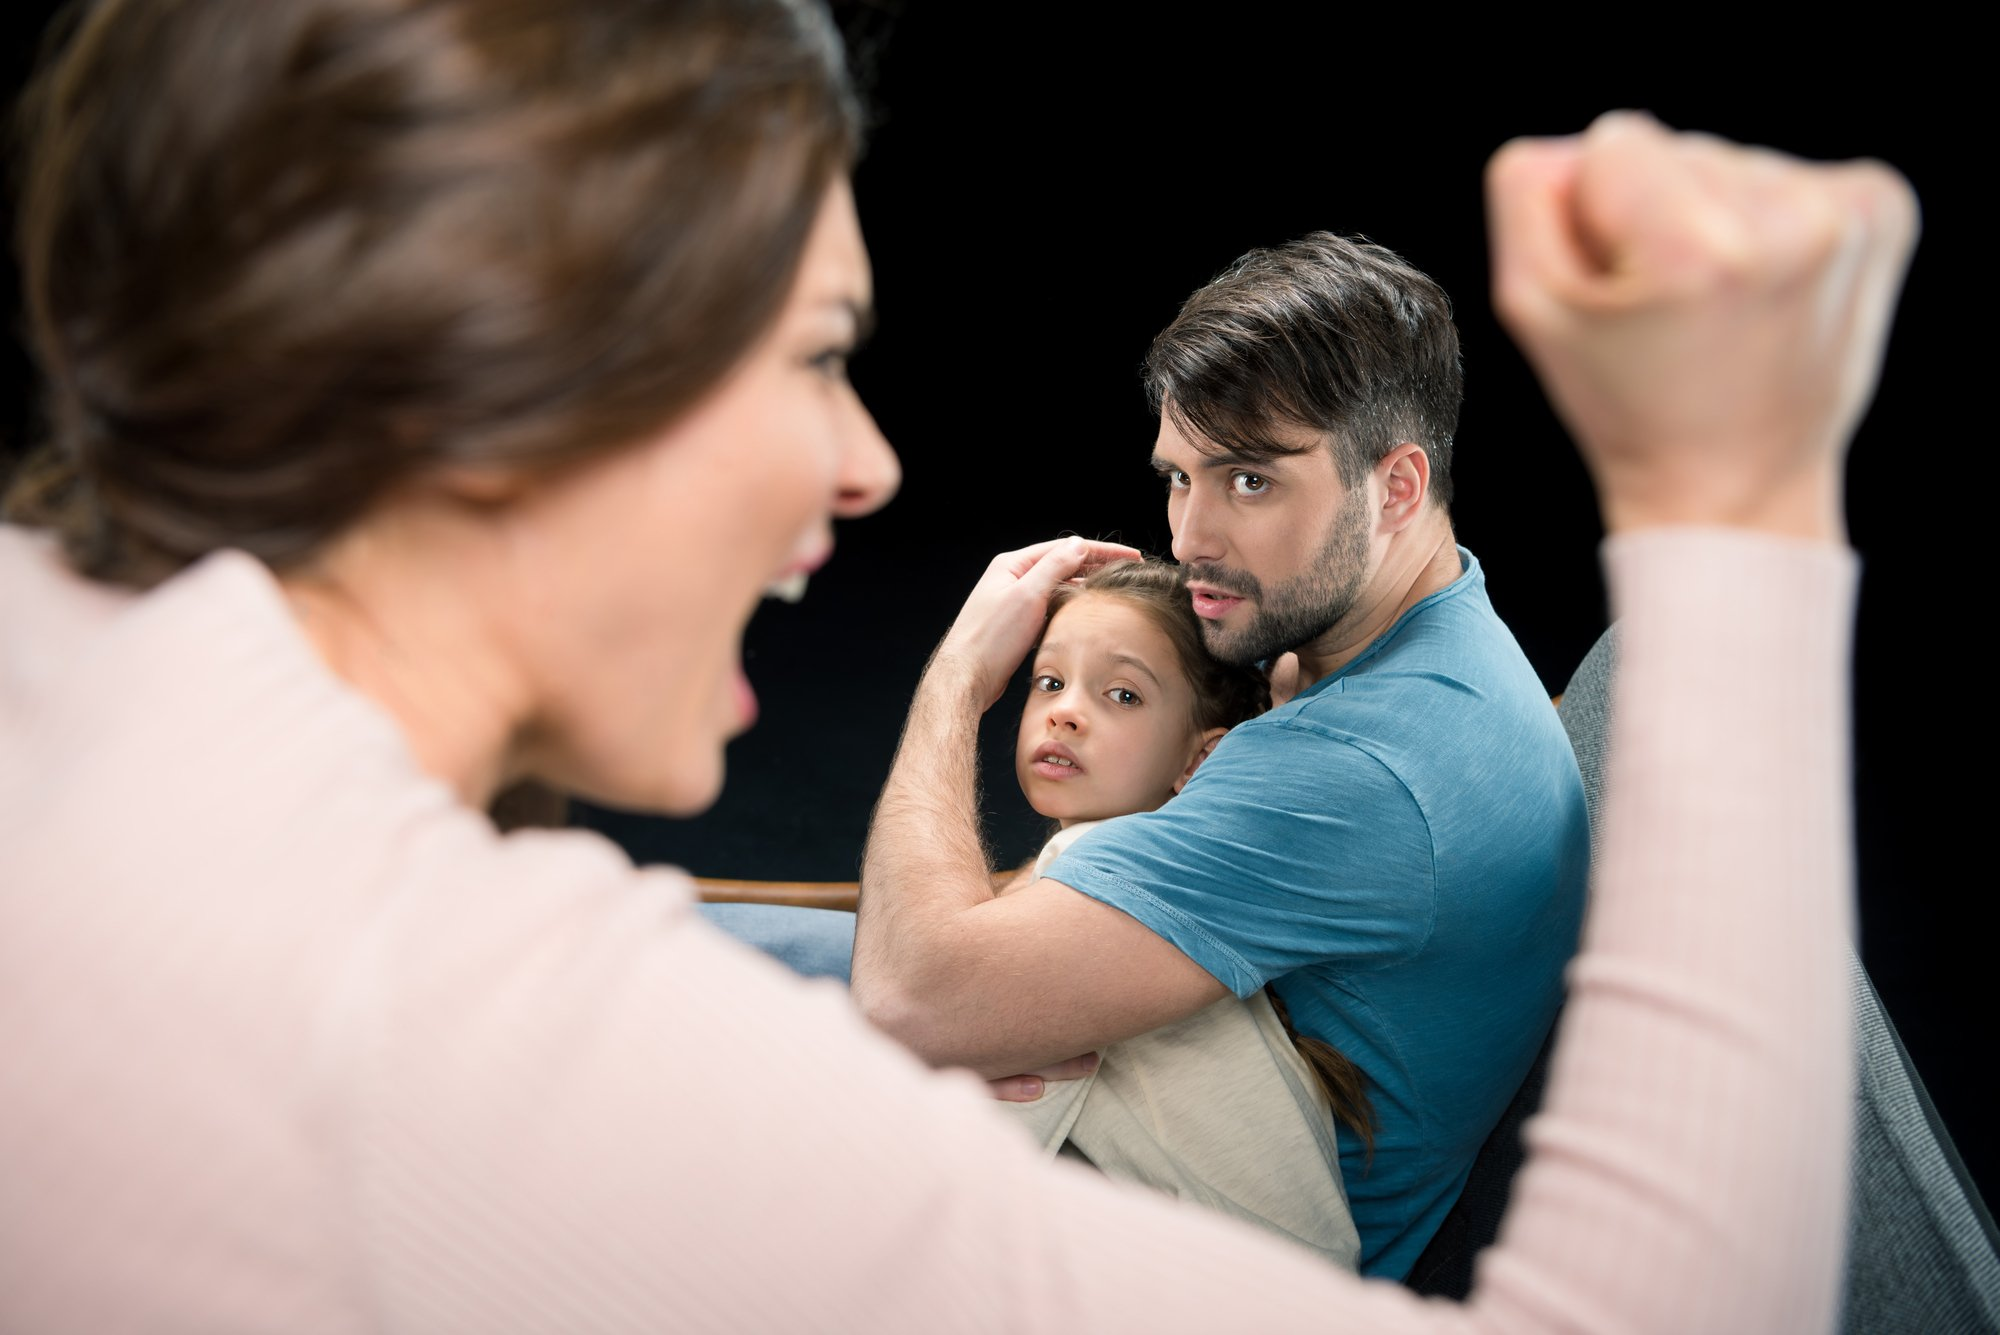 depositphotos 143373835 l 2015.jpg?resize=412,232 - Les victimes de violence conjugale sont aussi des hommes mais très peu osent en parler.